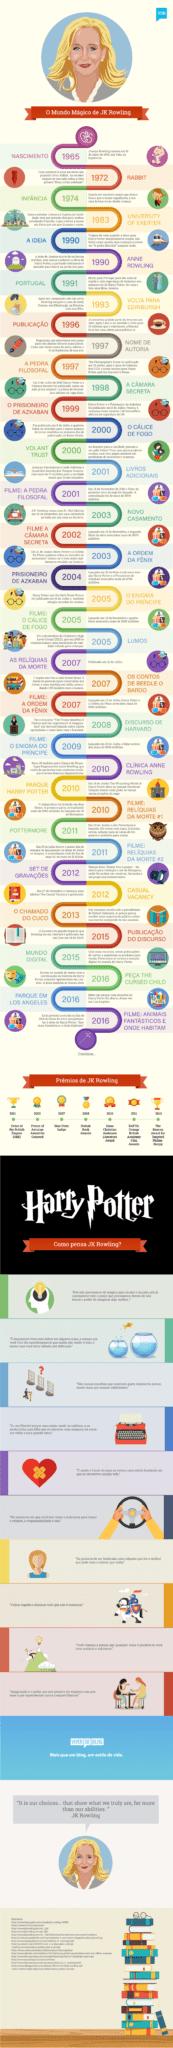 infografico-a-vida-de-jk-rwoling-linha-do-tempo-autora-harry-potter